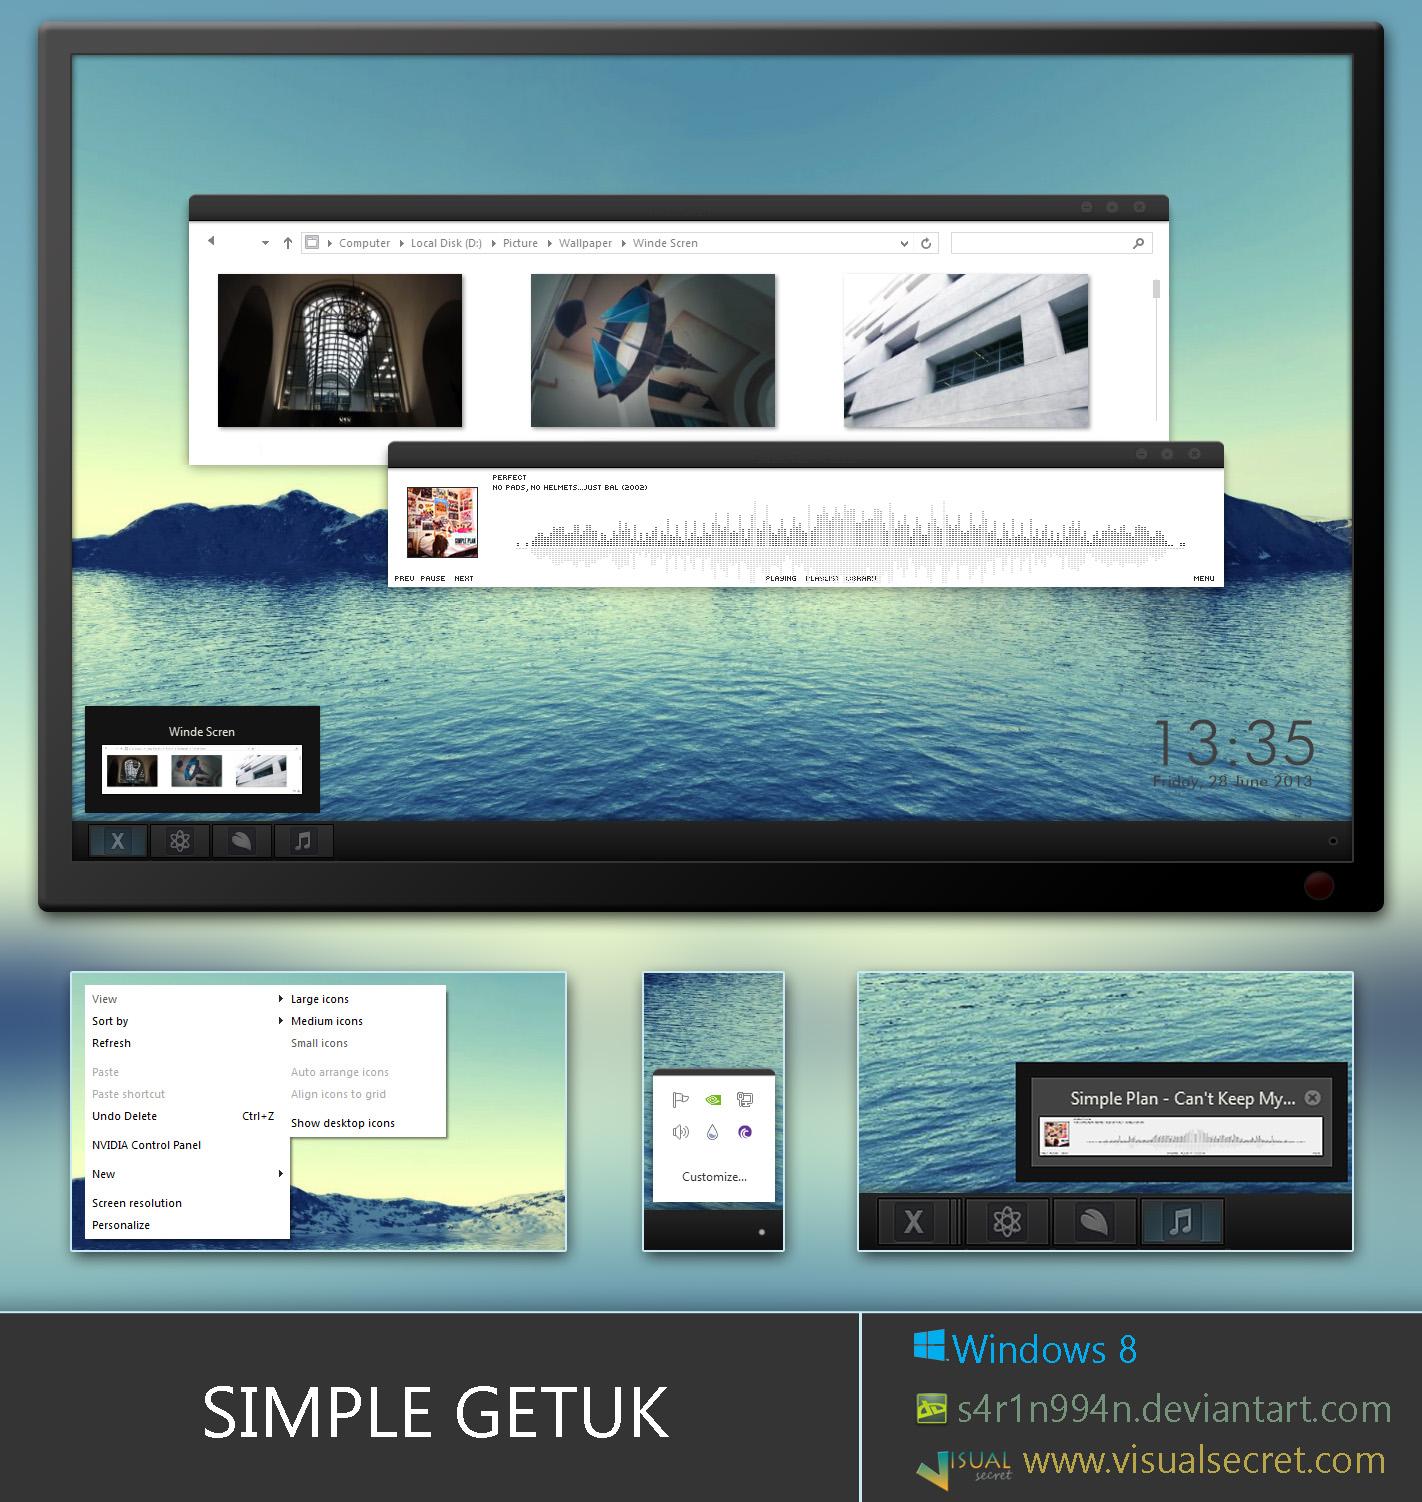 Simple Getuk